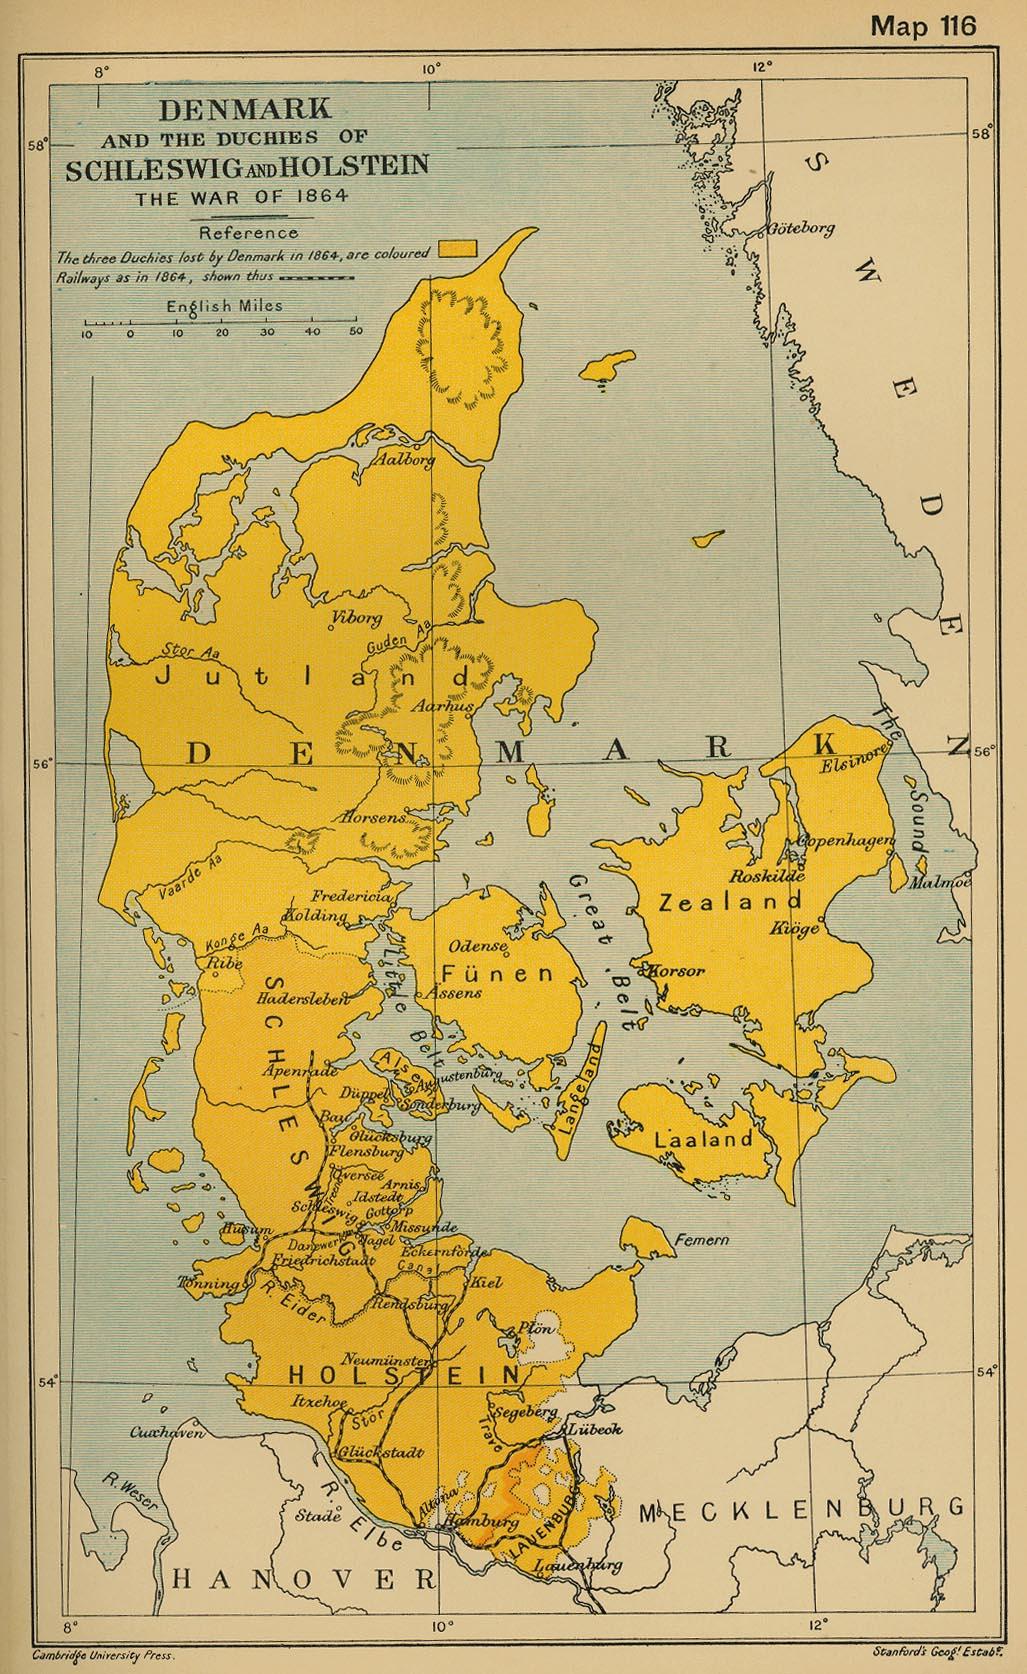 Dinamarca y los ducados de Schleswig y Holstein 1864